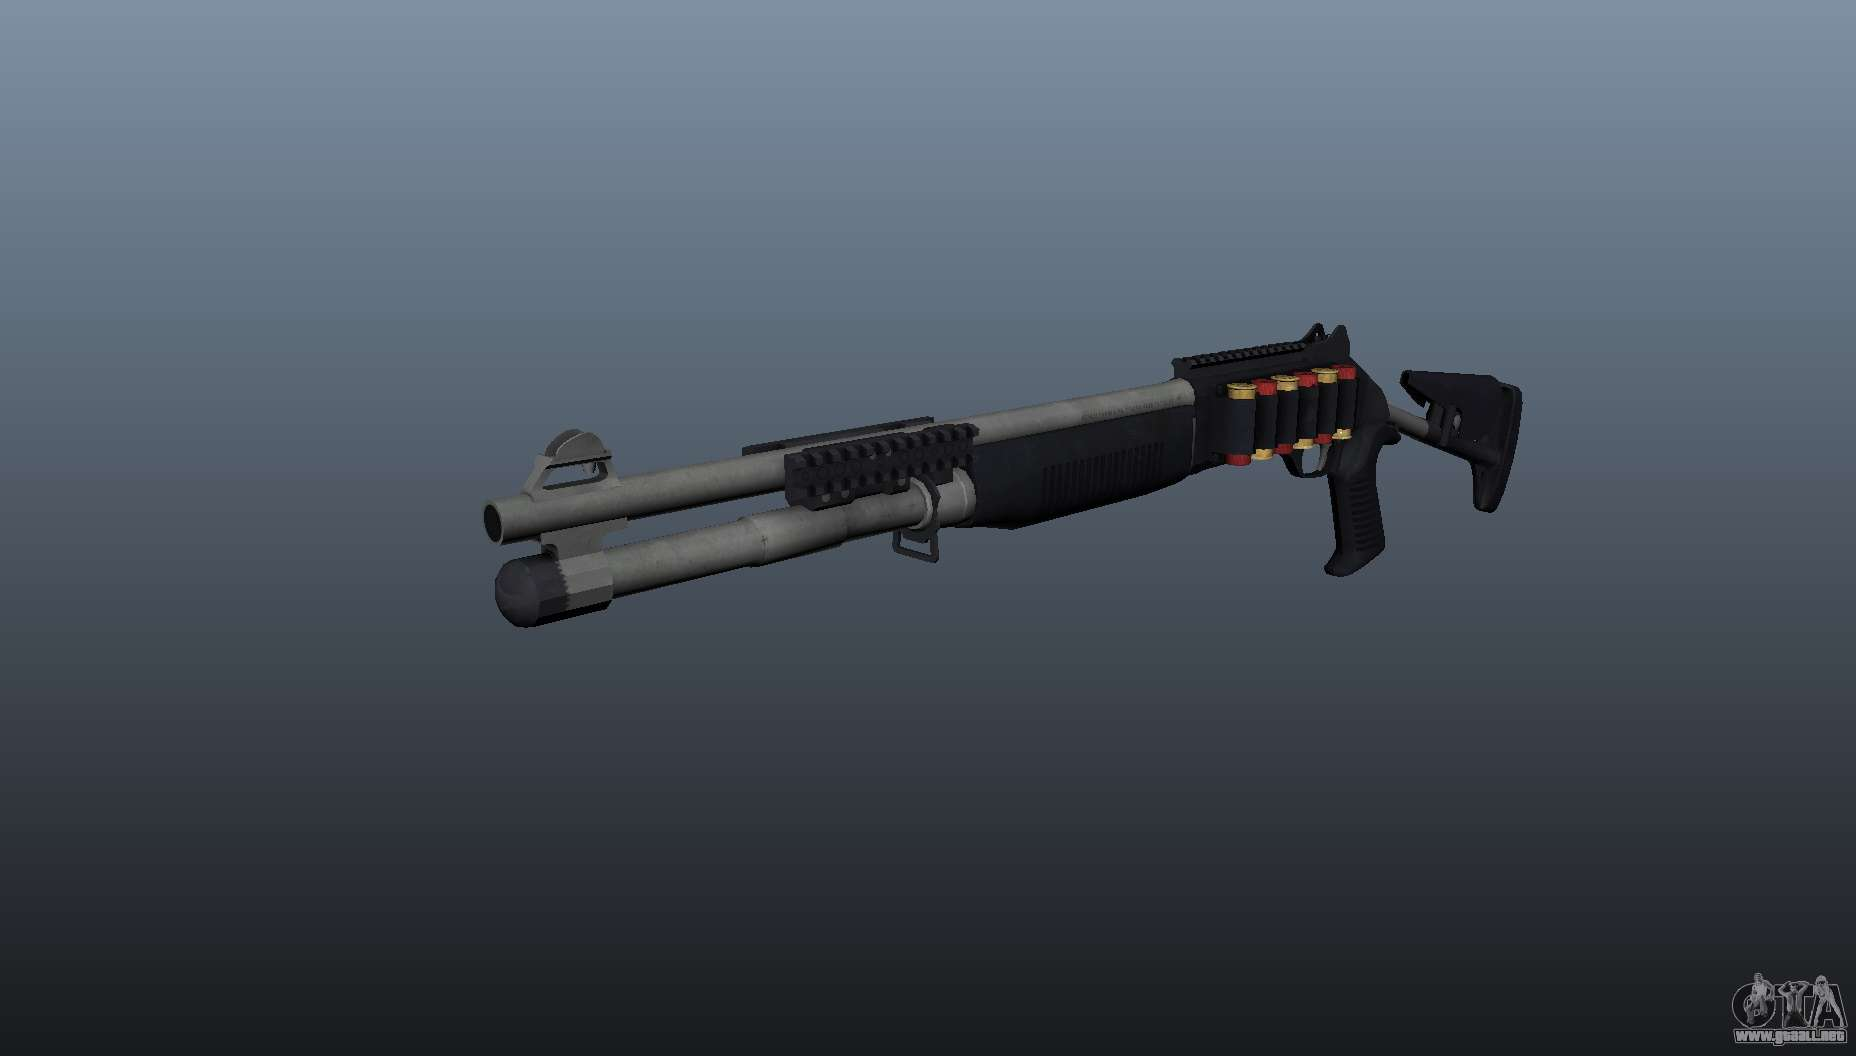 M1014 Shotgun para GTA 4  M1014 Combat Shotgun